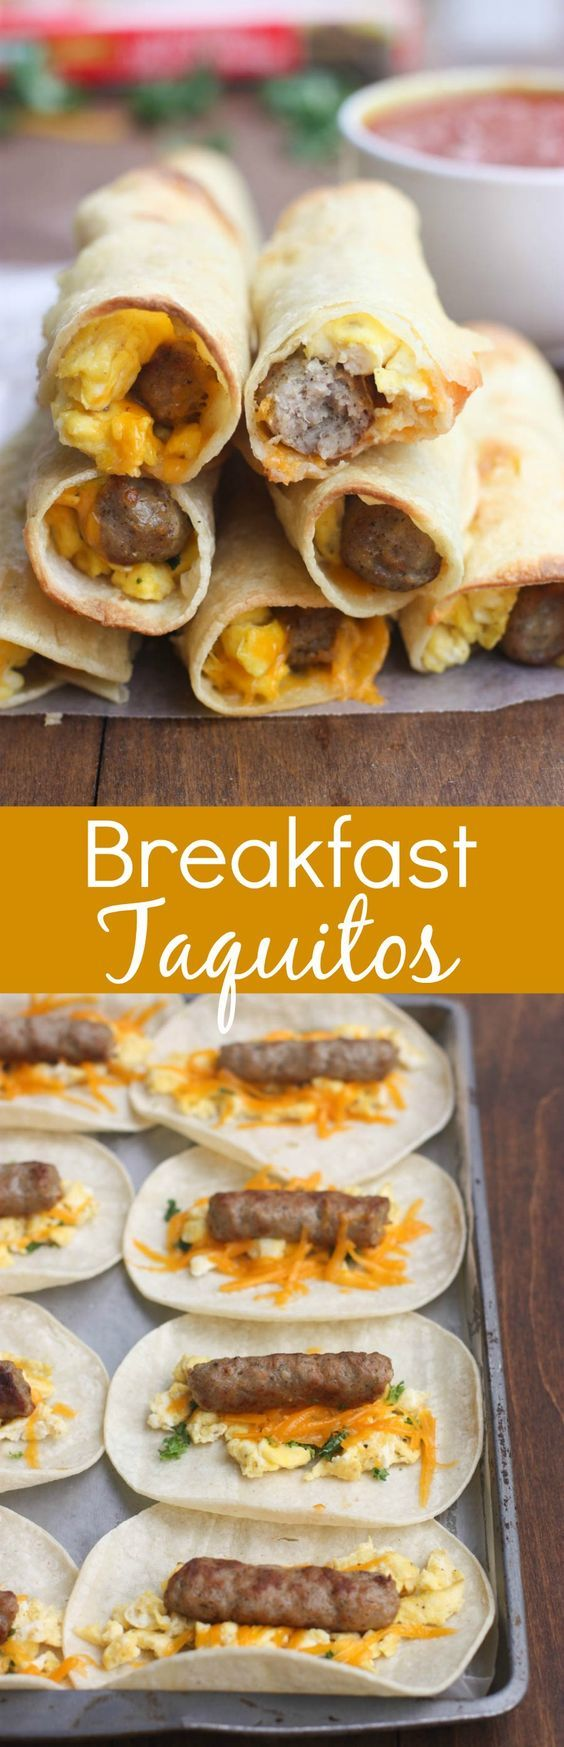 Breakfast Taquitos on MyRecipeMagic.com: